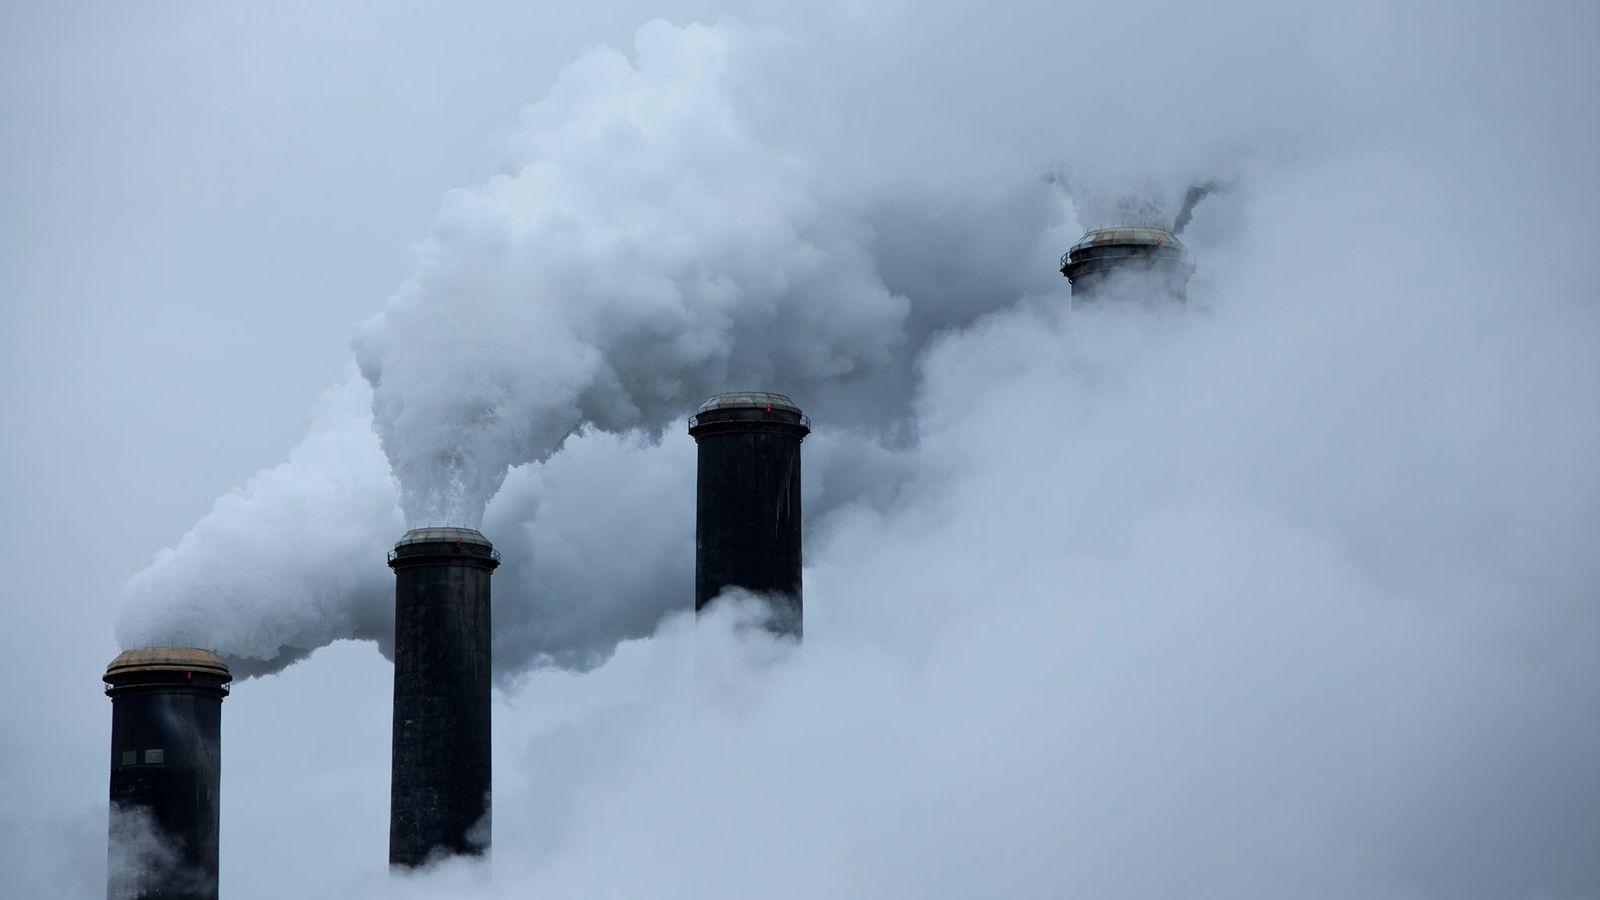 A fumaça da queima de carvão toma a atmosfera. Da reportagem da National Geographic de outubro ...